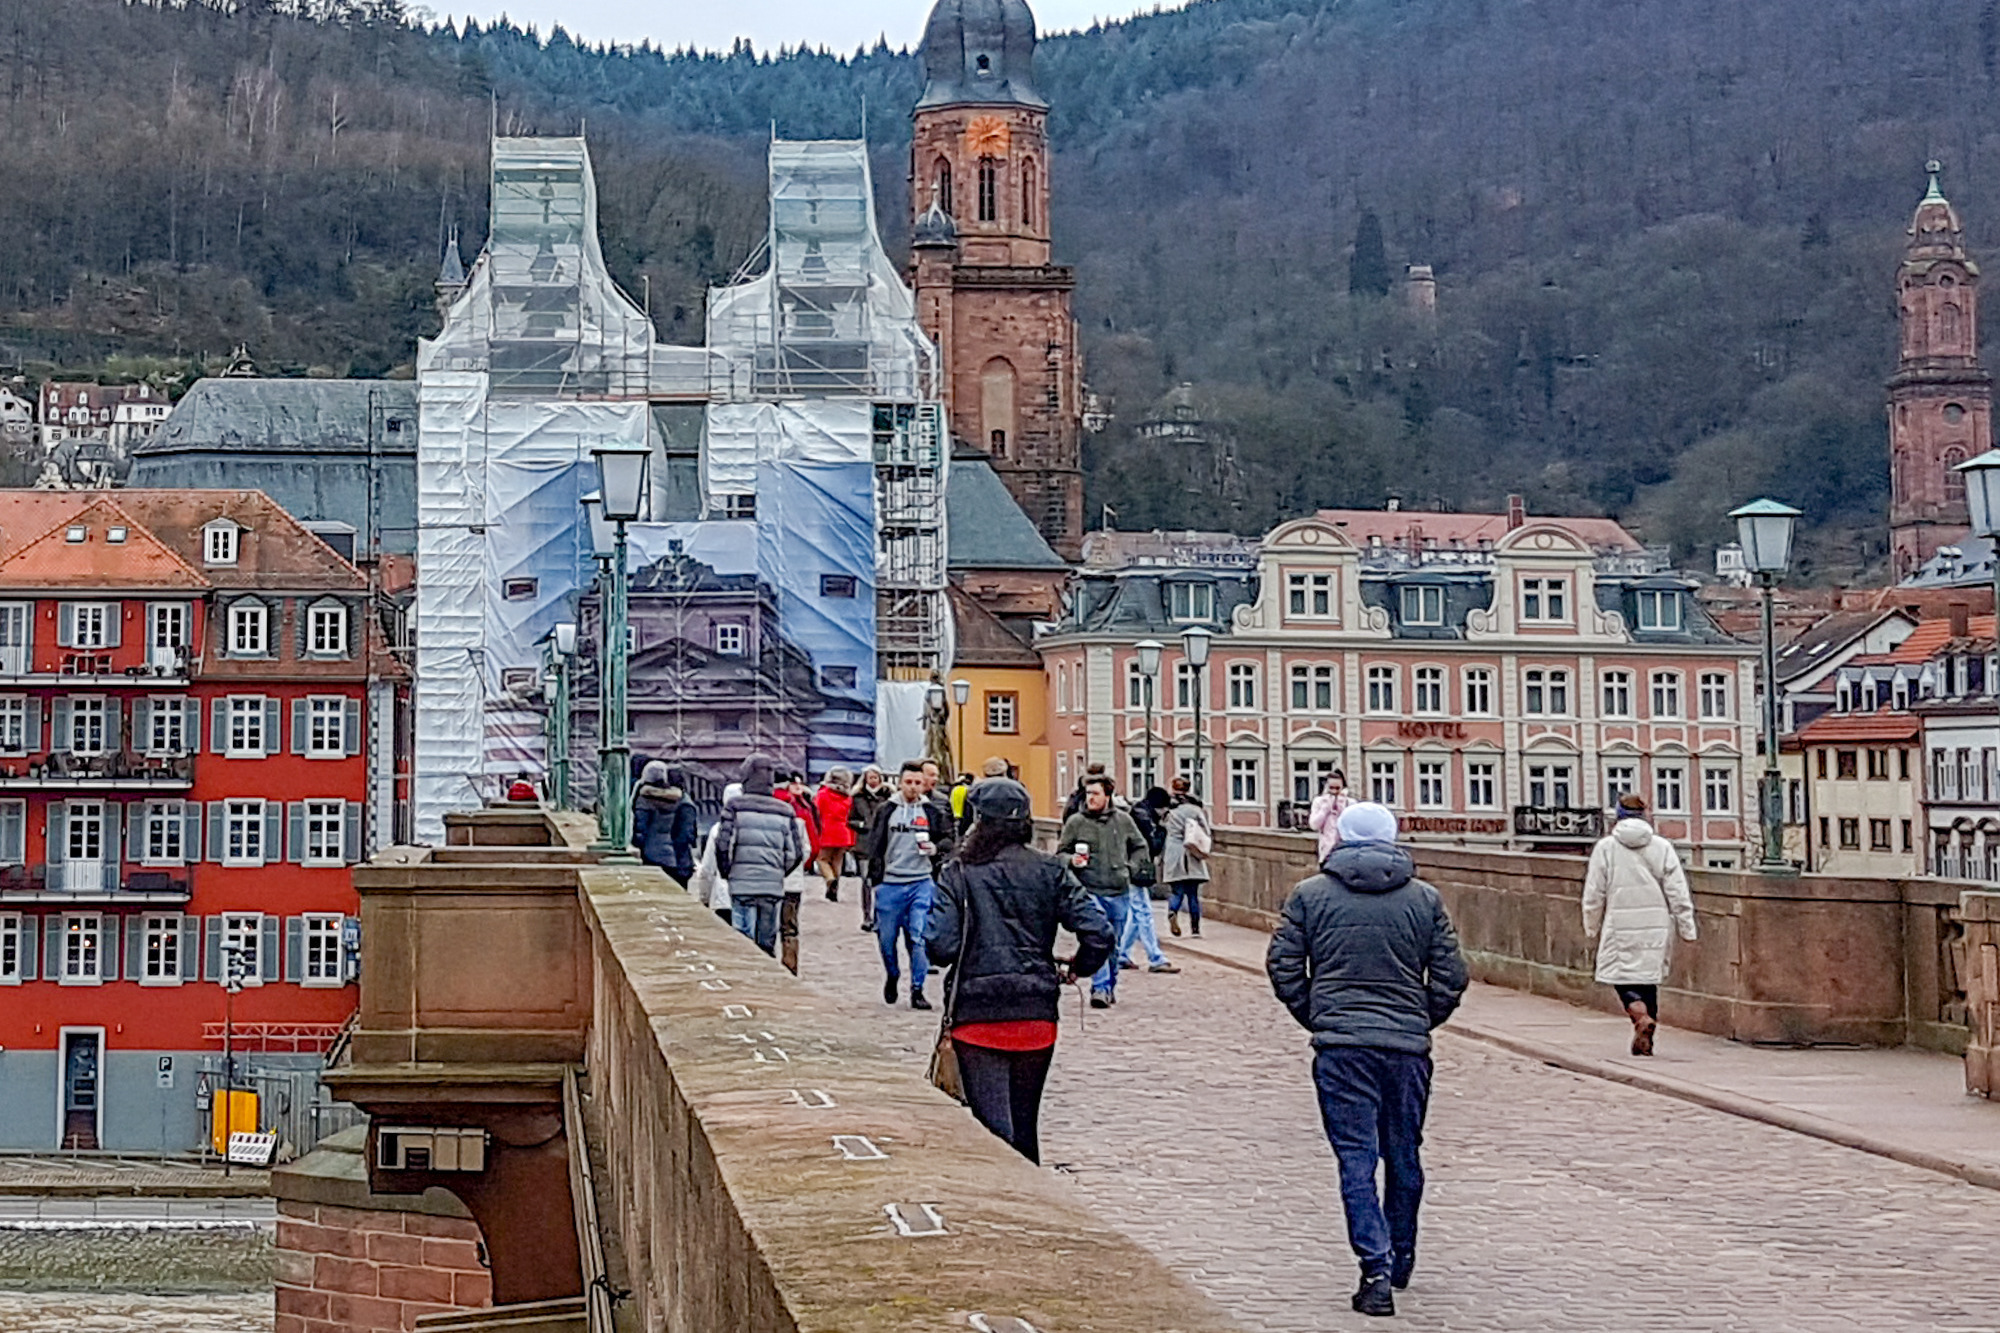 Alte Brucke Heidelberg Bruckentor Ab Dienstag Fur Autos Gesperrt Nachrichten Aus Heidelberg Rnz